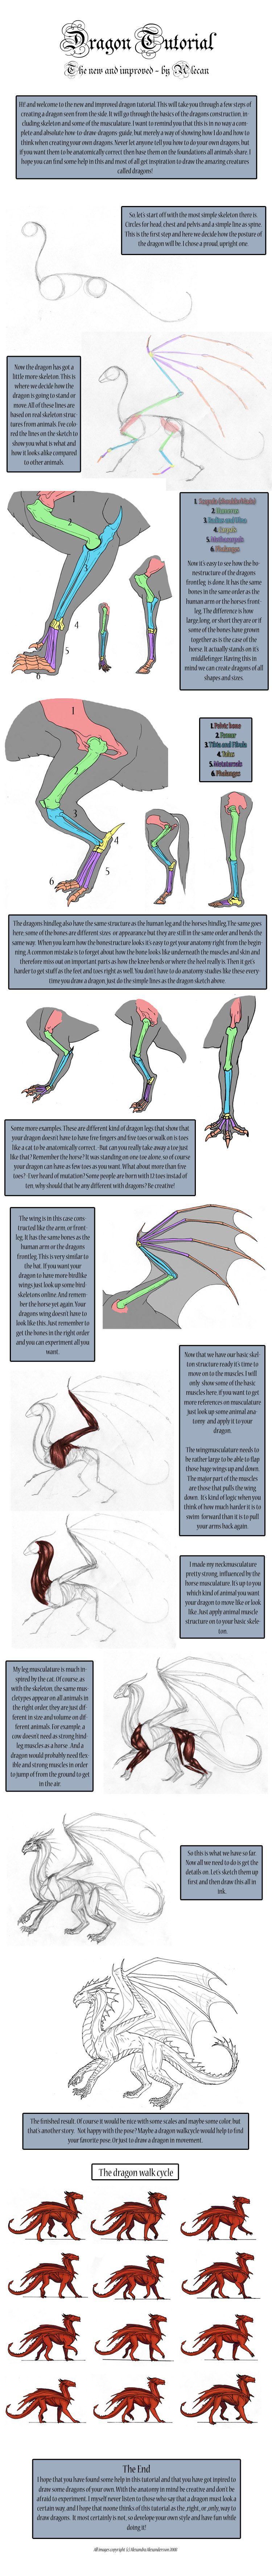 Aprende a dibujar dragones!   dibujo   Pinterest   Dragones, Dibujo ...